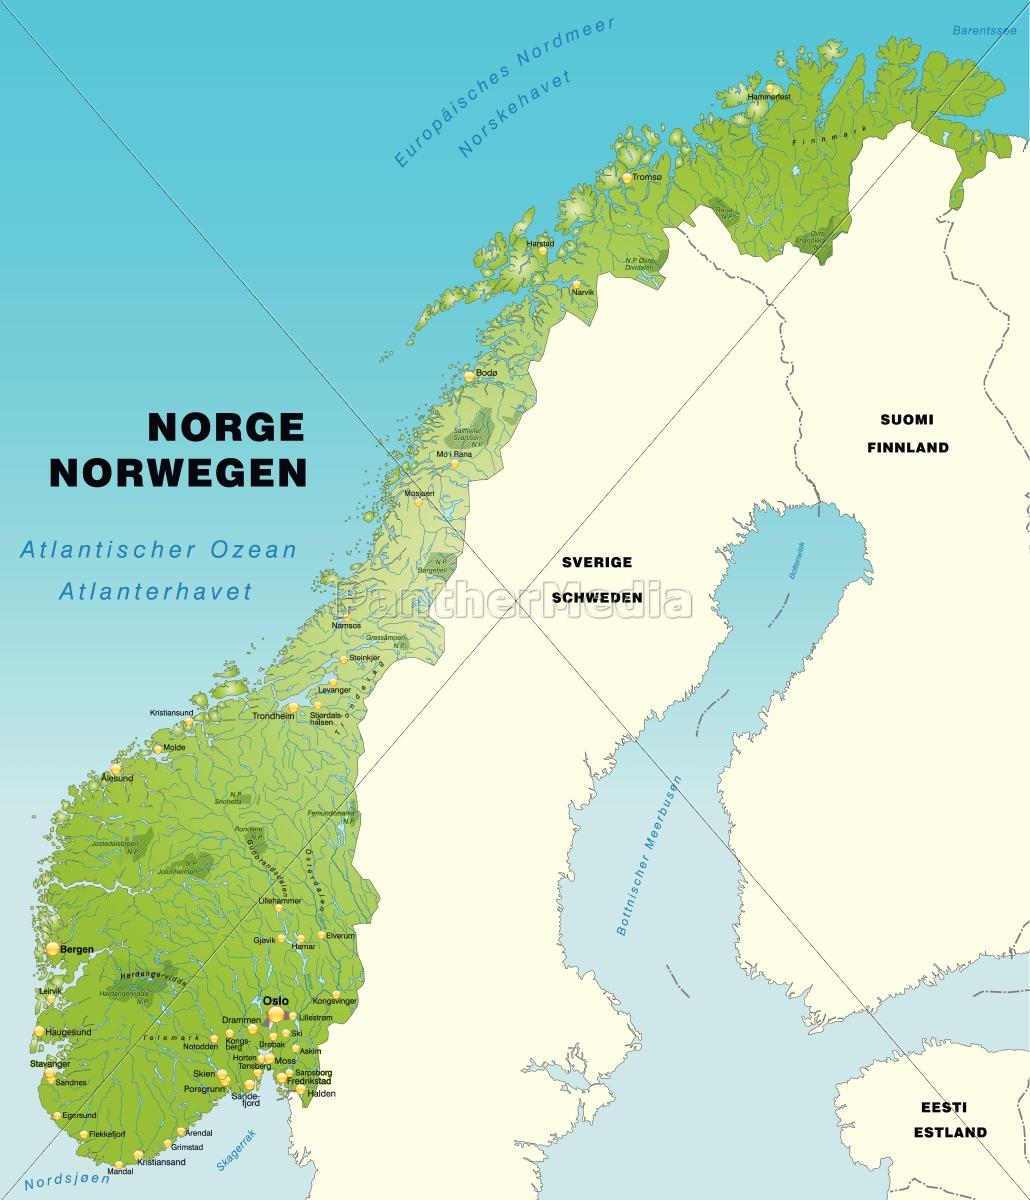 Karte Norwegen.Lizenzfreie Vektorgrafik 10656107 Karte Von Norwegen Als Ubersichtskarte In Grun